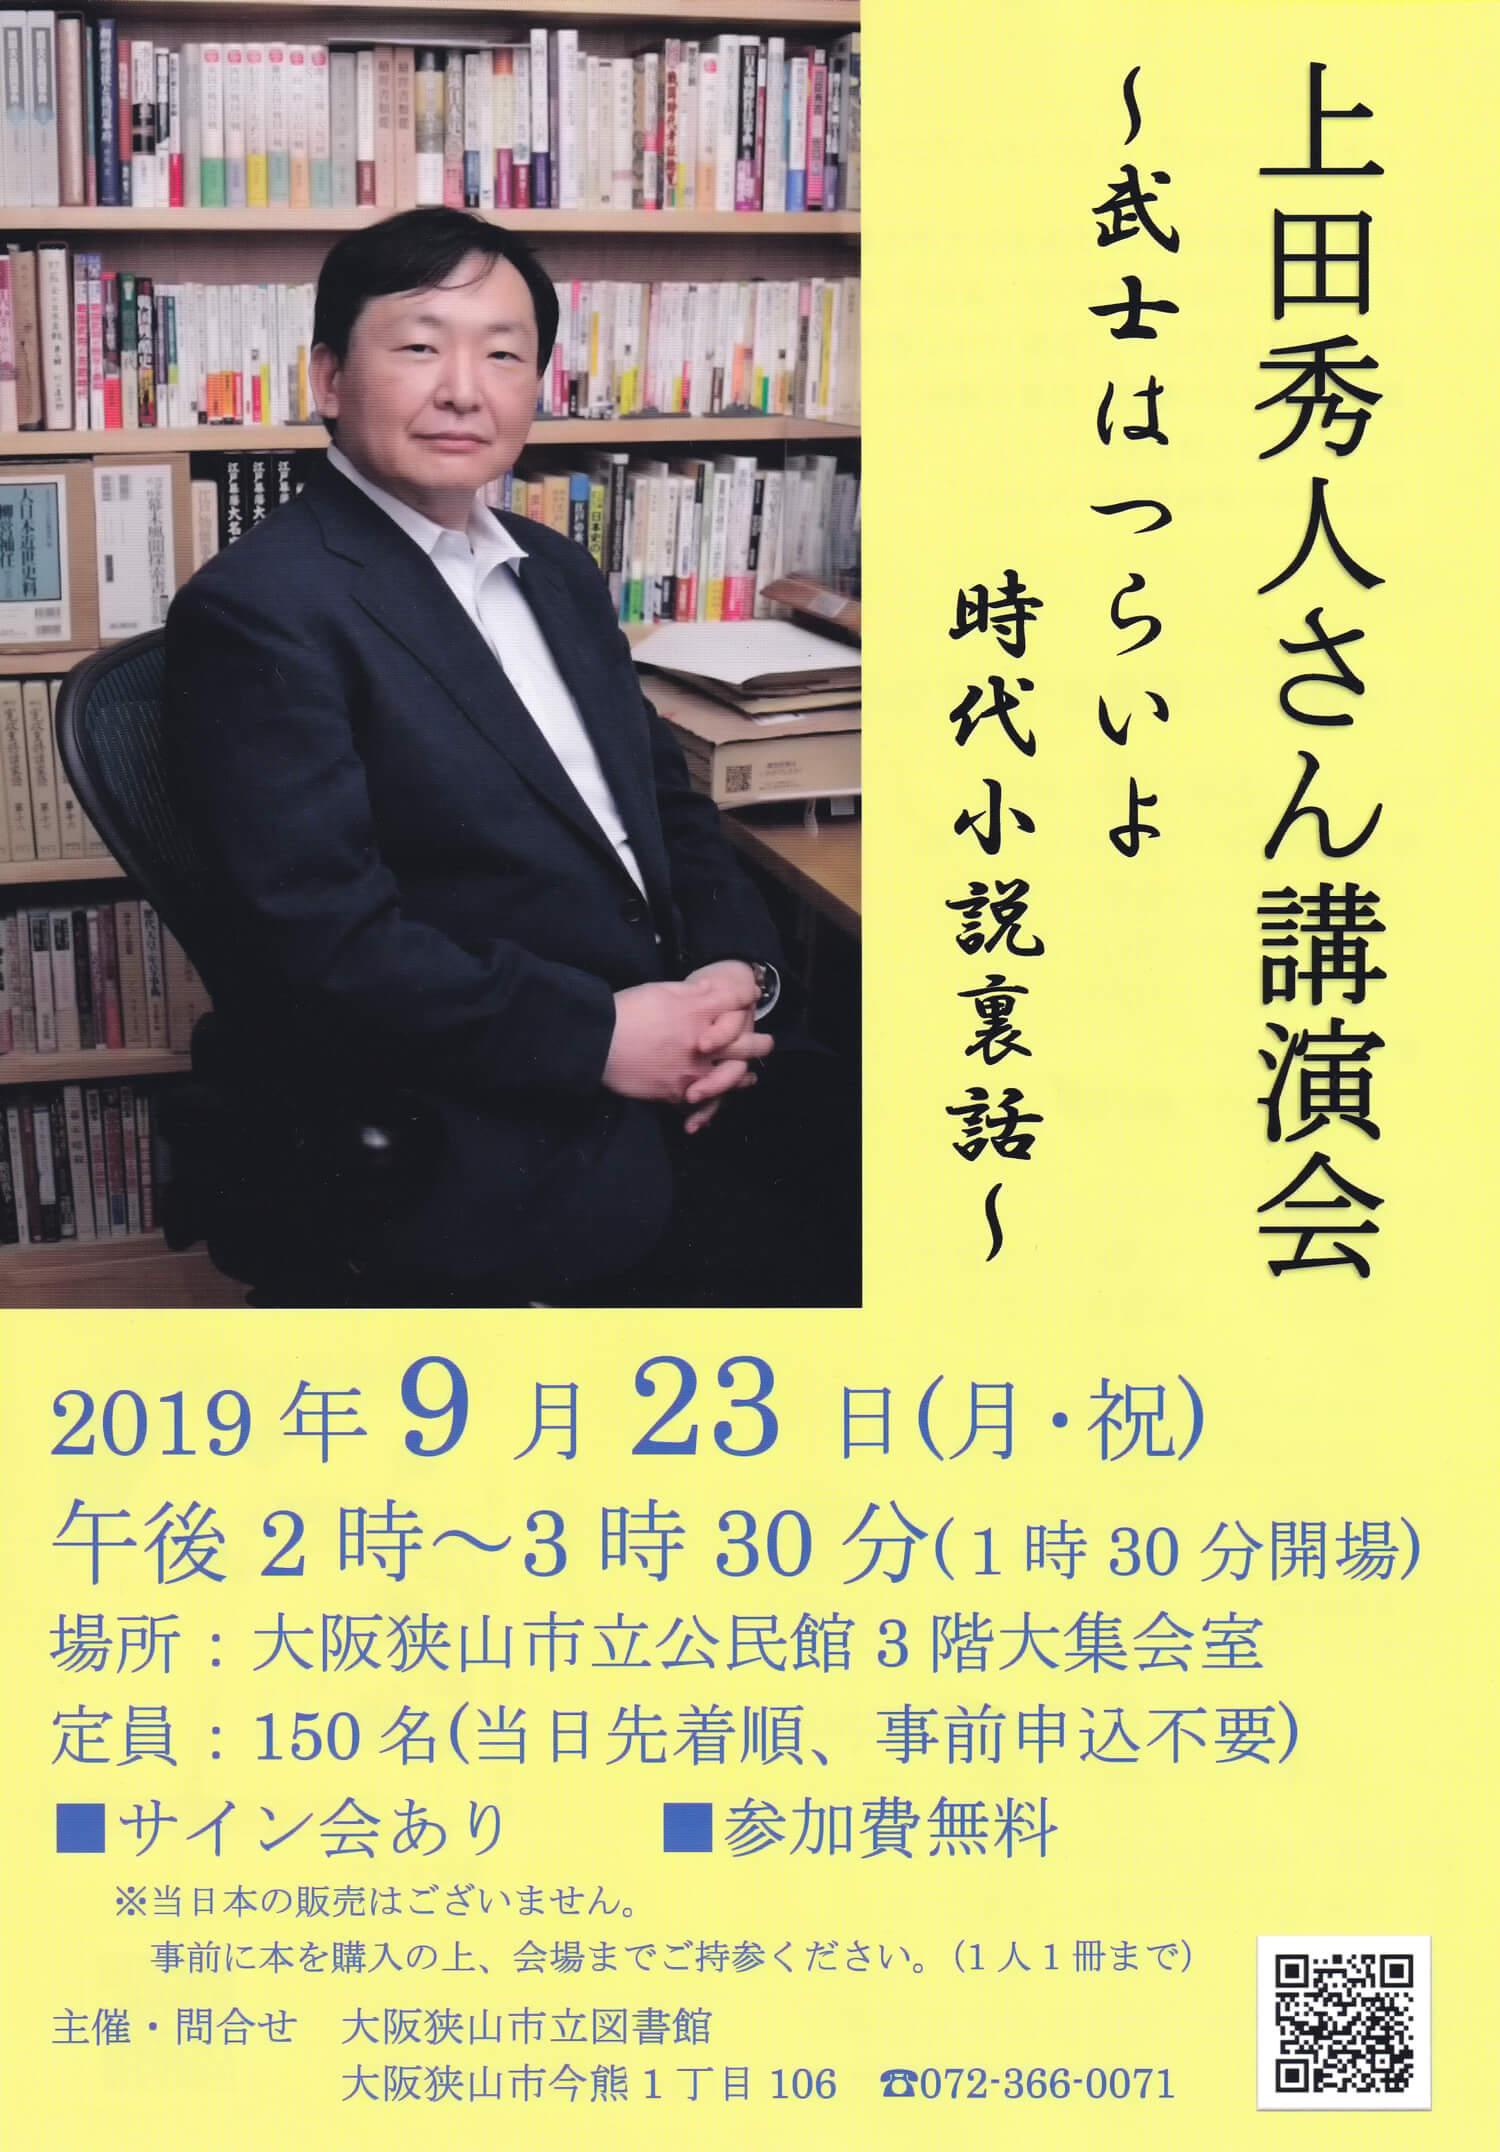 【サイン会あり】「上田秀人さん講演会 ~武士はつらいよ 時代小説裏話~」が2019年9月23日に大阪狭山市立公民館で開催